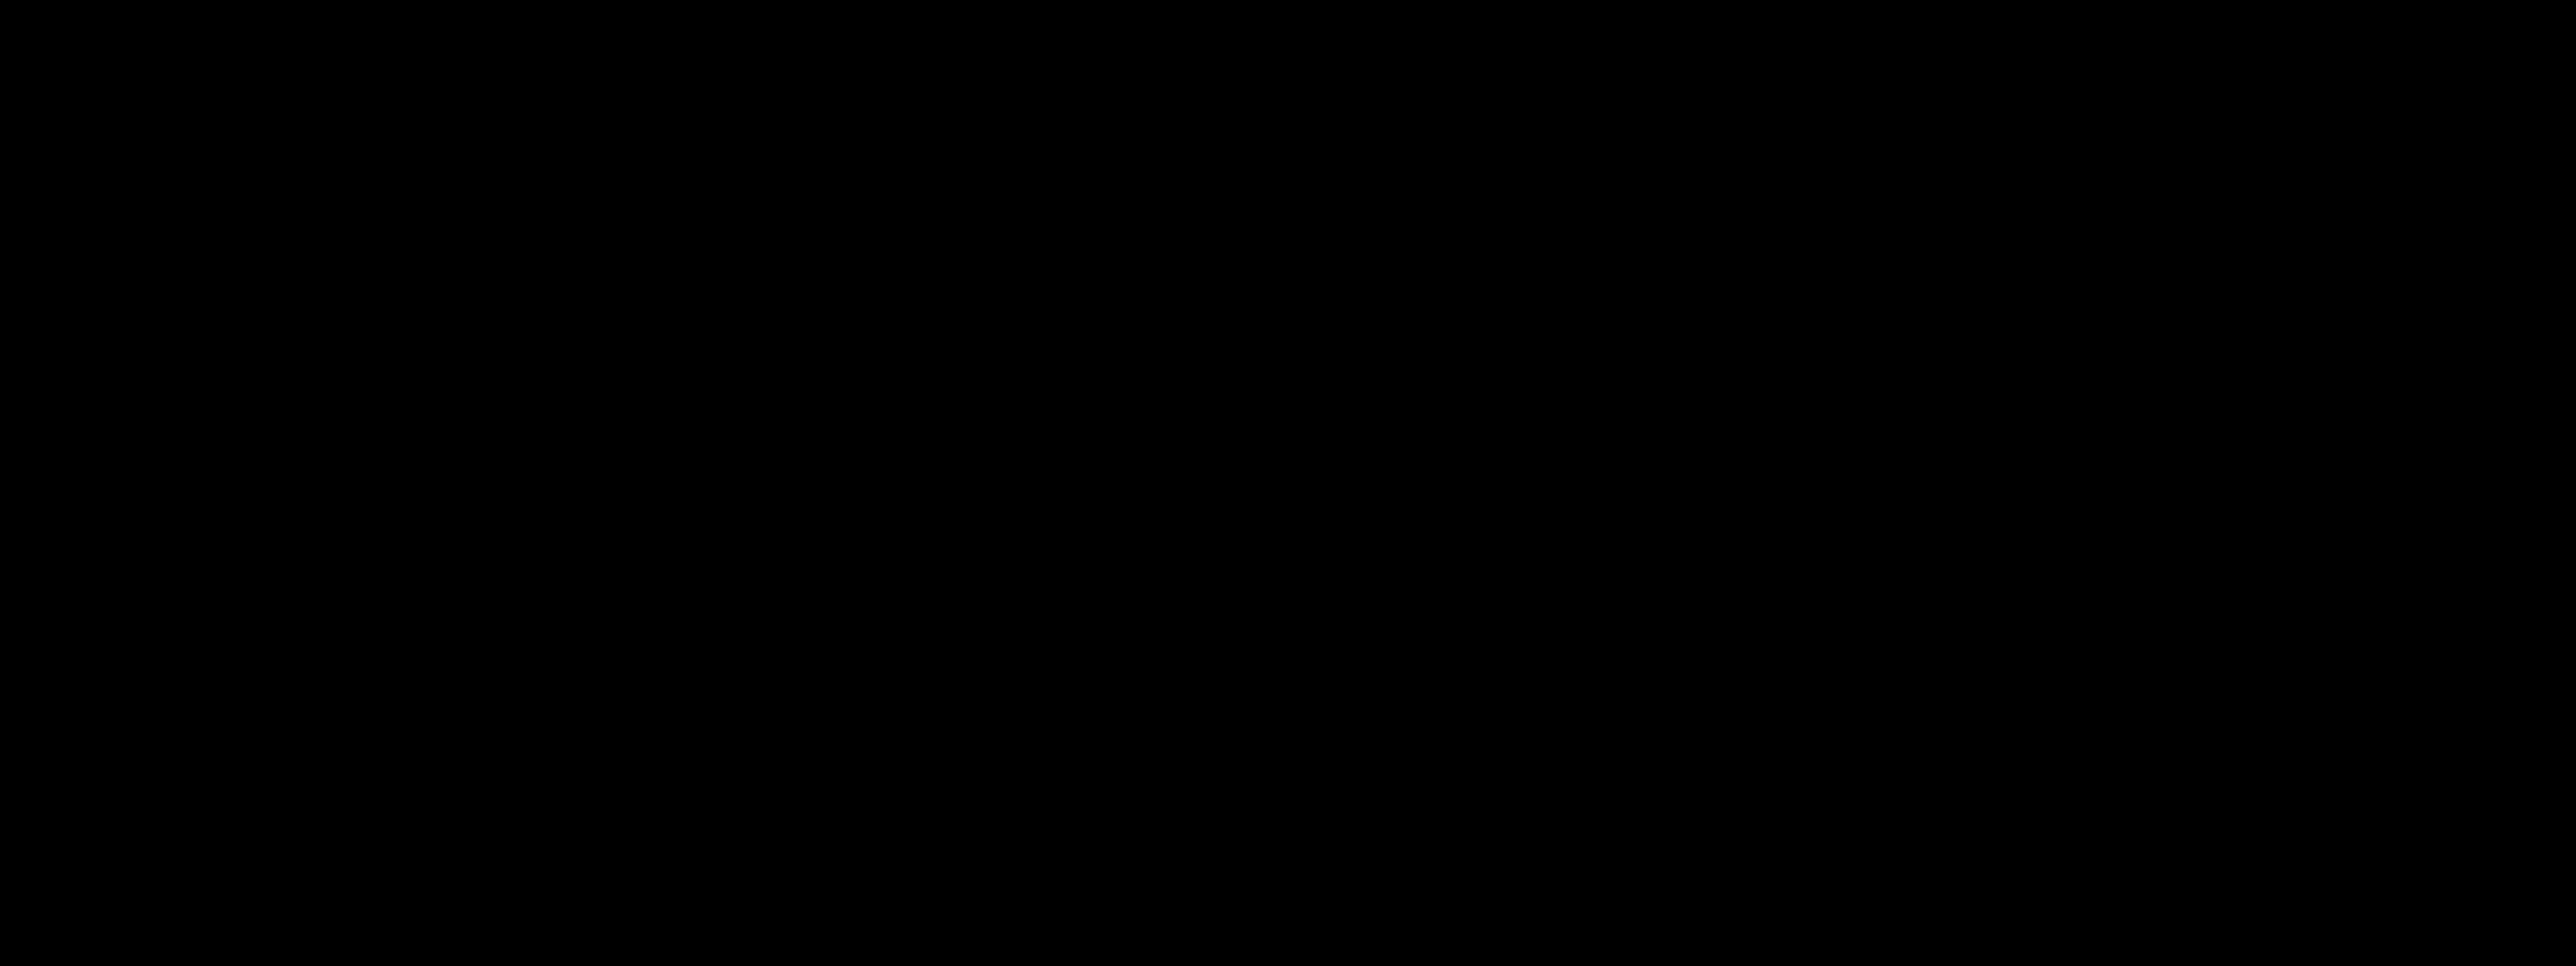 Tim Grahamslaw Handcraft Furniture